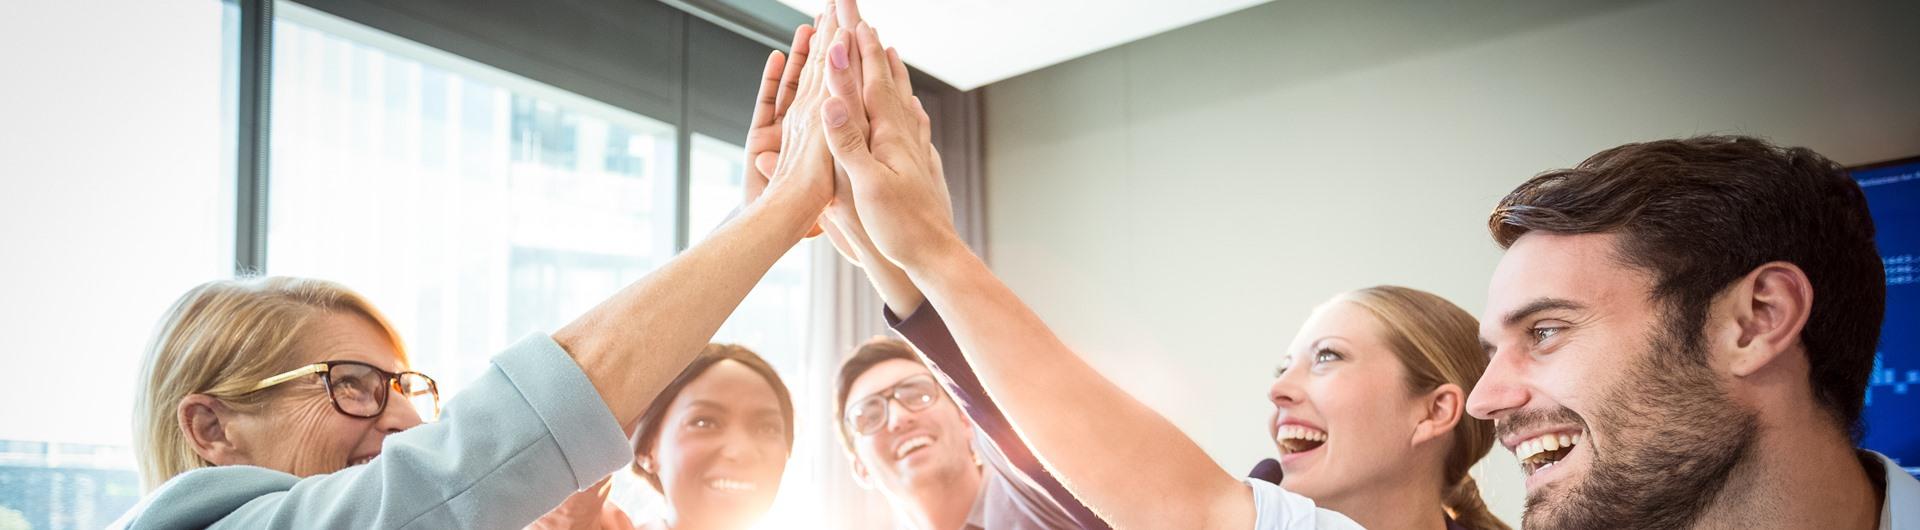 Teammeeting_erfolgreicher_durchführen_Erfolgreiche_Teambesprechung_Litano_Coaching